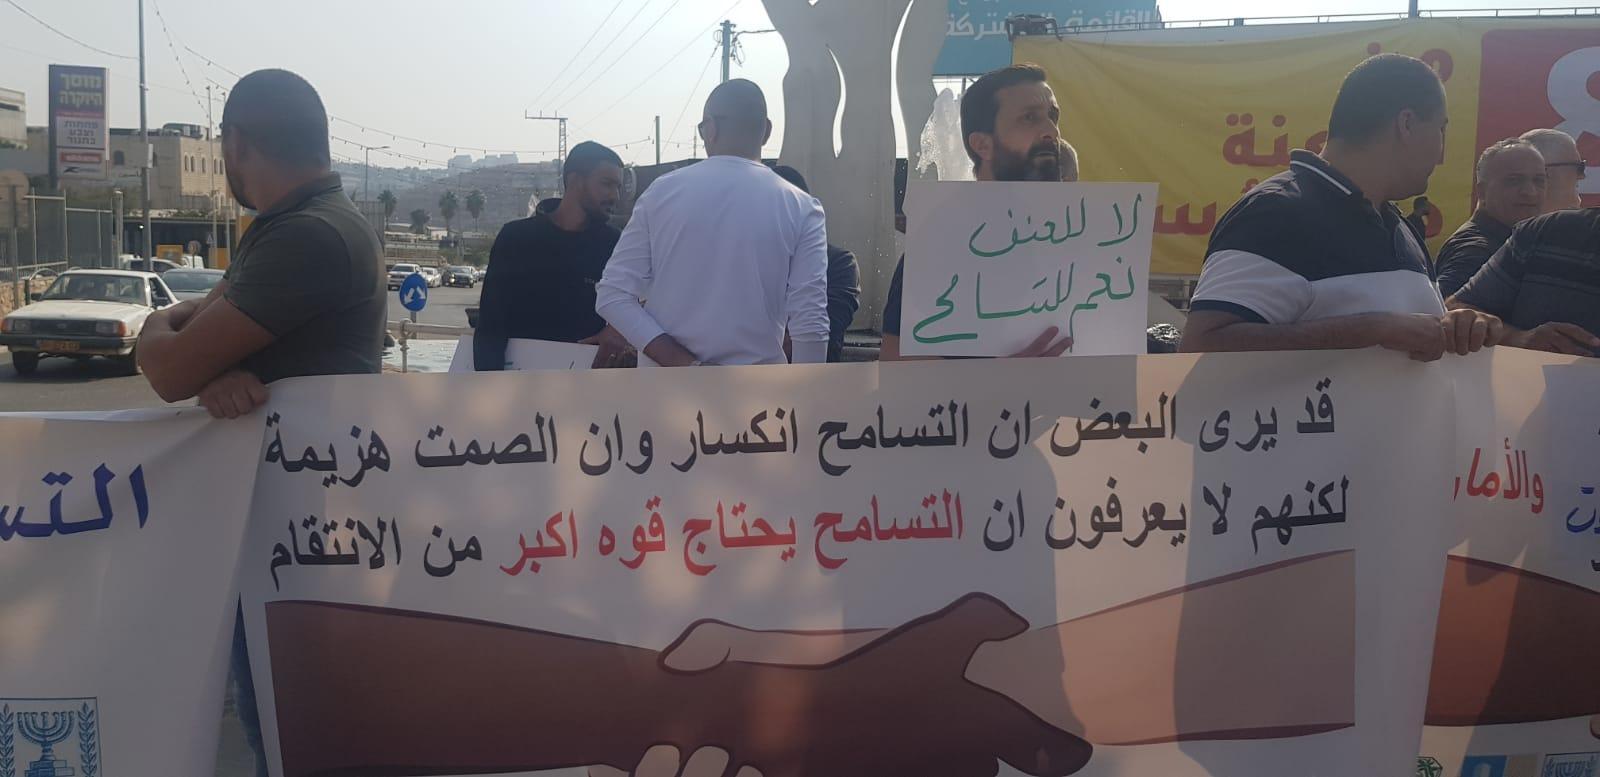 البعنة: وقفة احتجاجية تصديا للعنف والجريمة